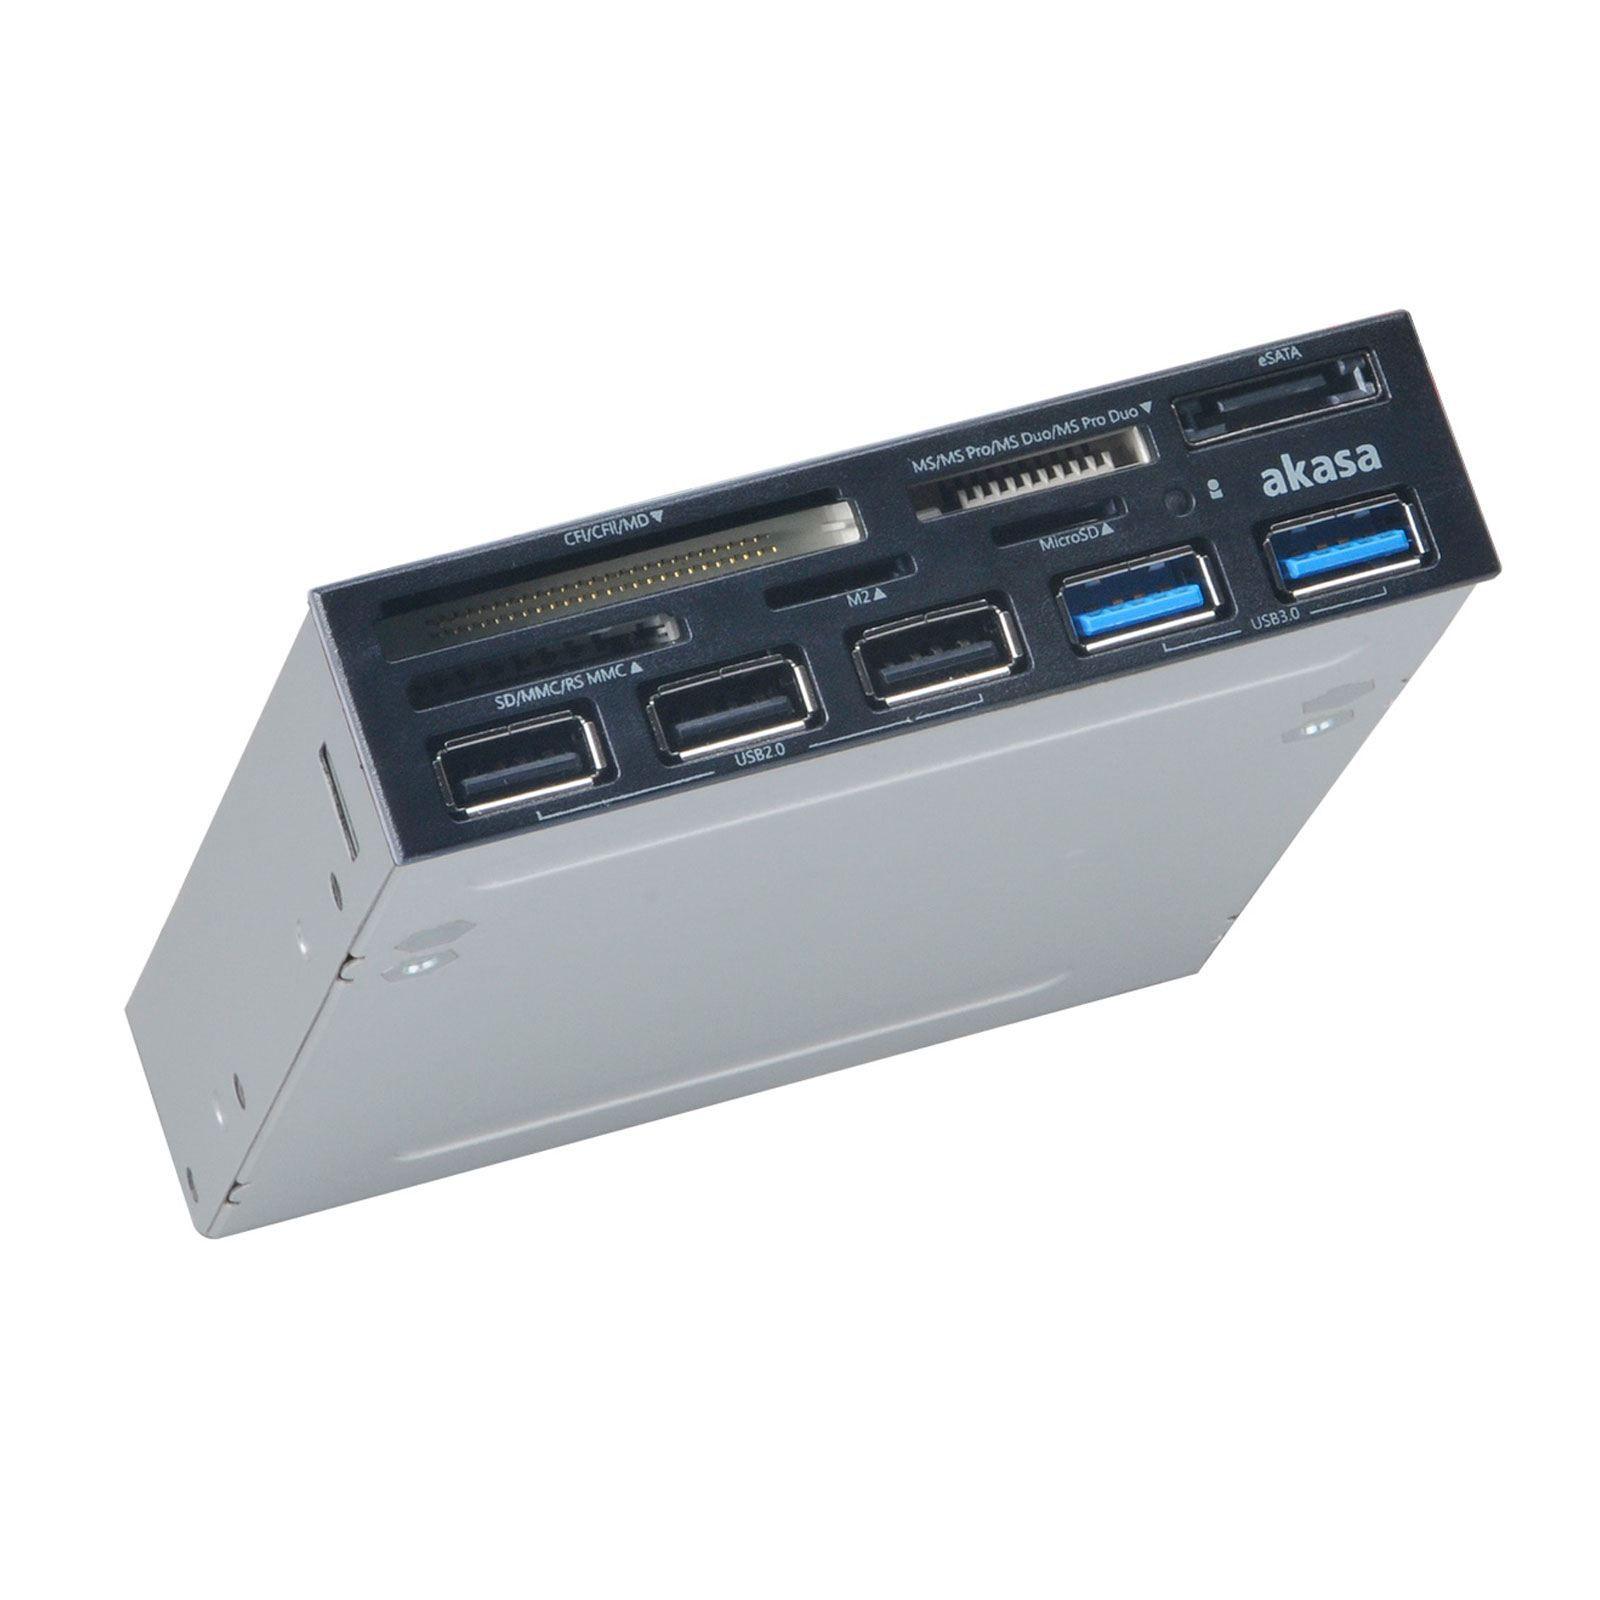 Akasa AK-ICR-16 geheugenkaartlezer Intern Grijs USB 3.2 Gen 1 (3.1 Gen 1)